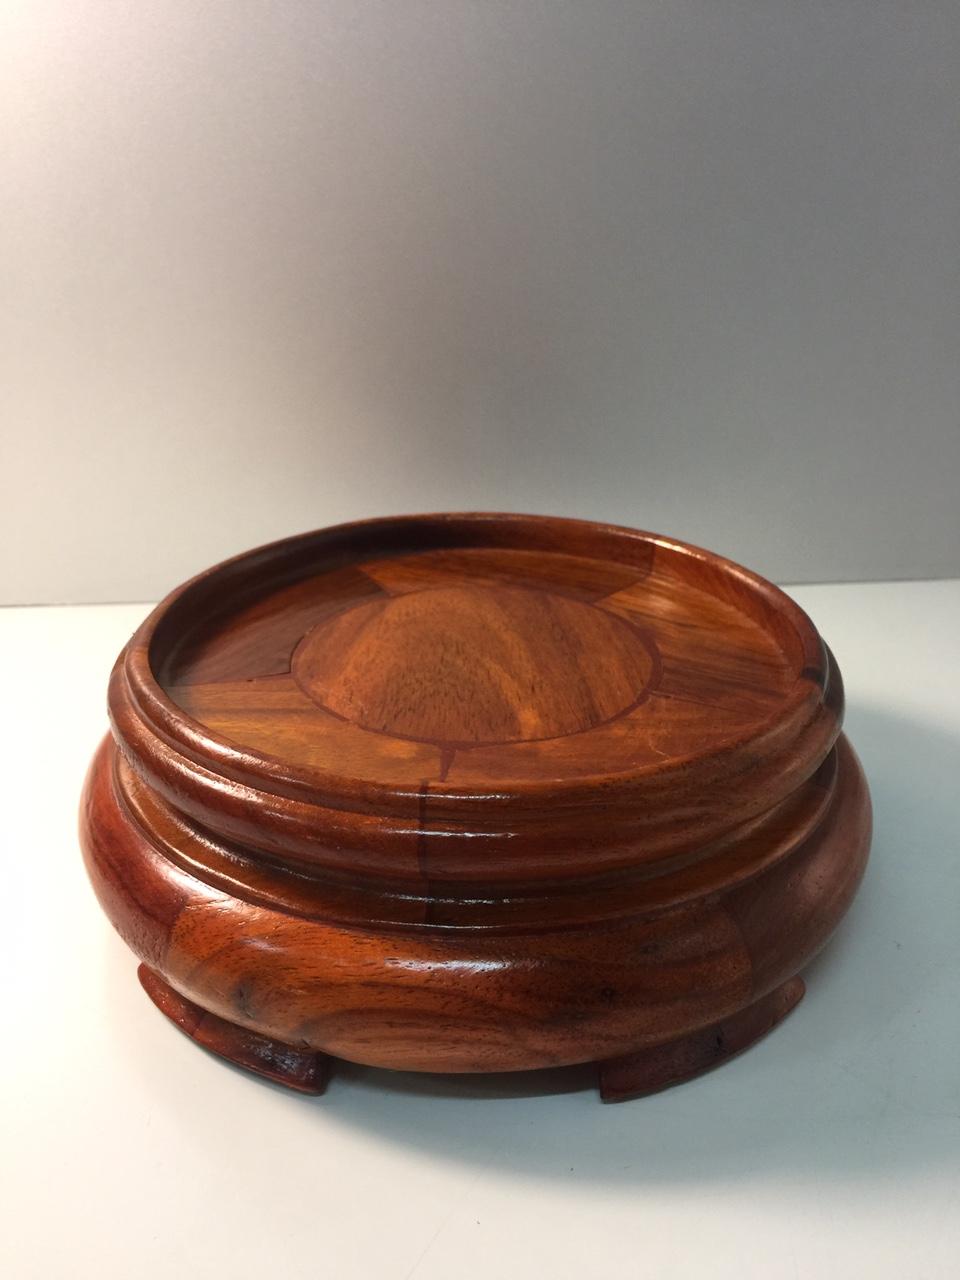 Đế Bát Hương chất liệu gỗ hương (kê bát hương) - 5,5x14 cm